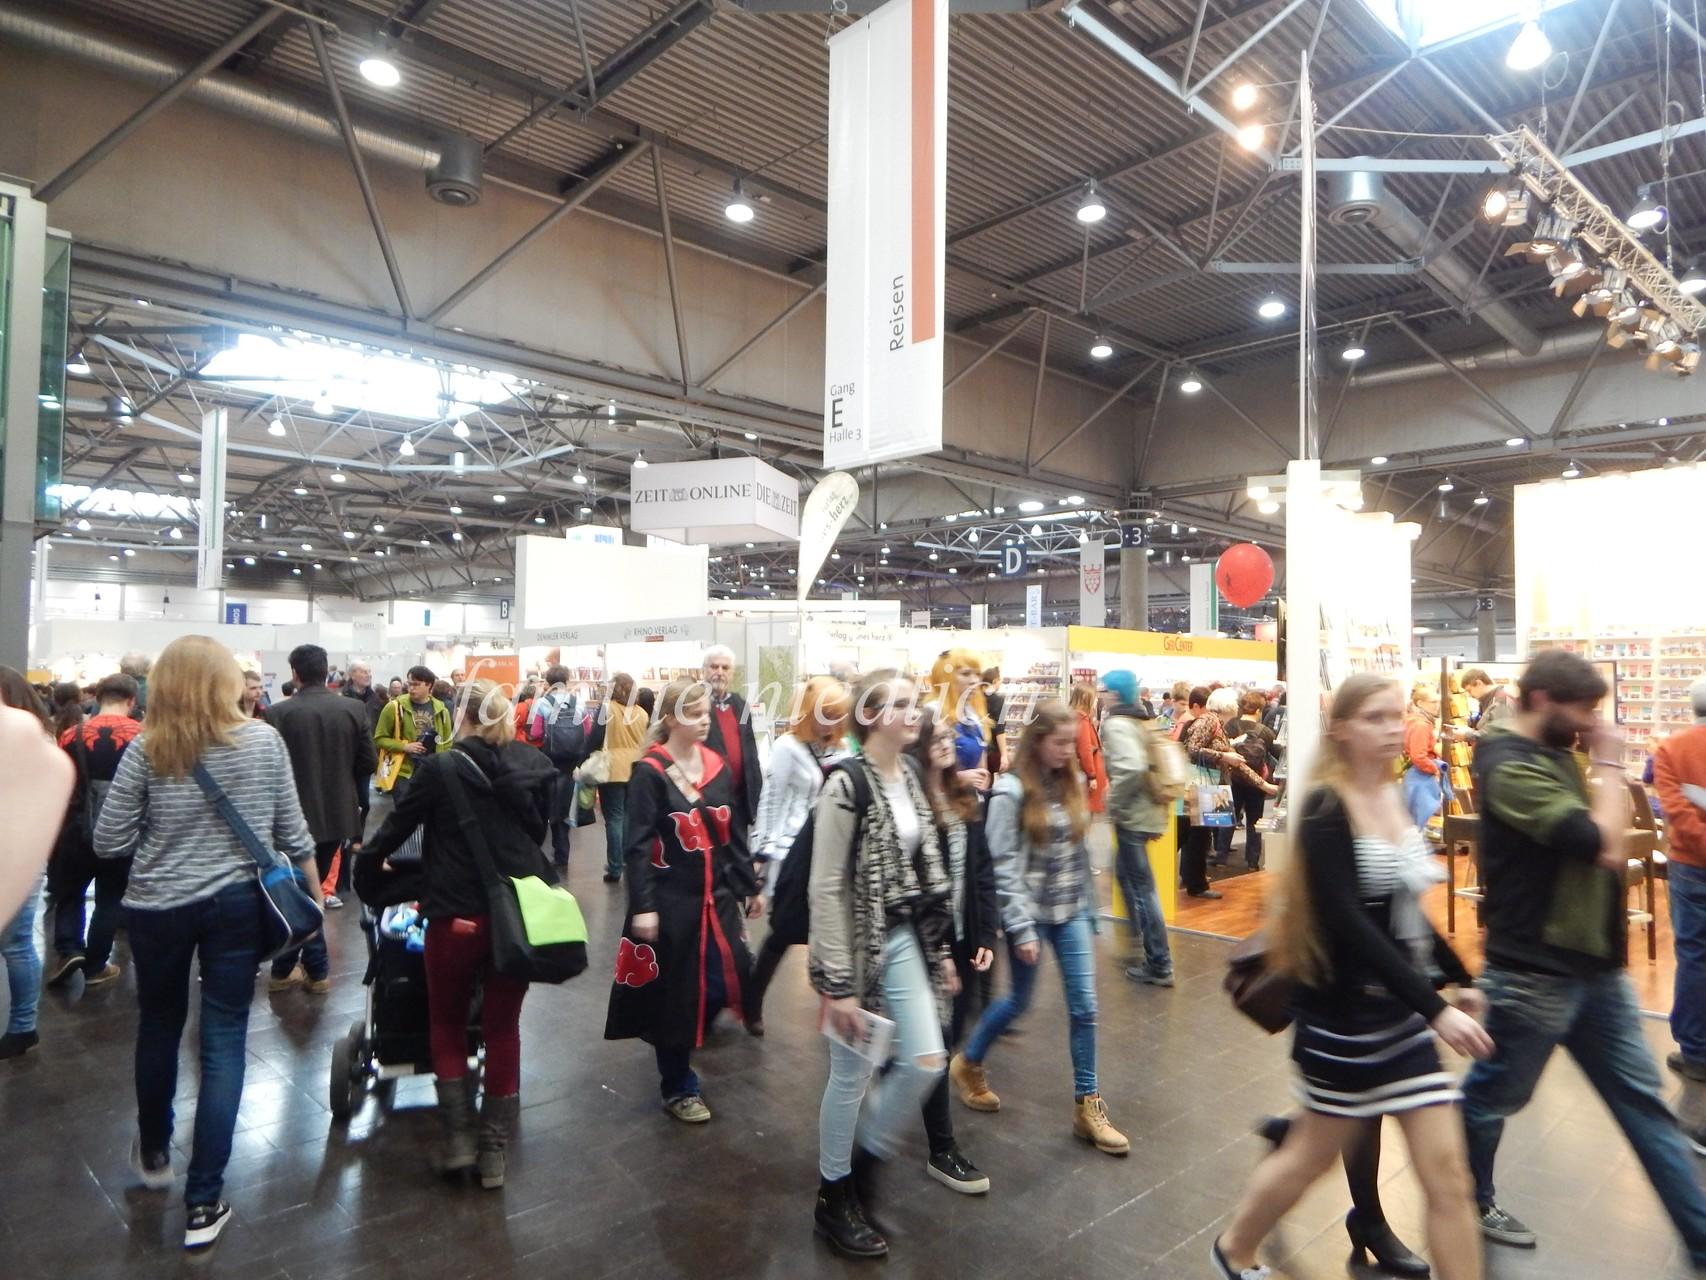 es waren viele Leute auf der Buchmesse (man konnte kaum treten)